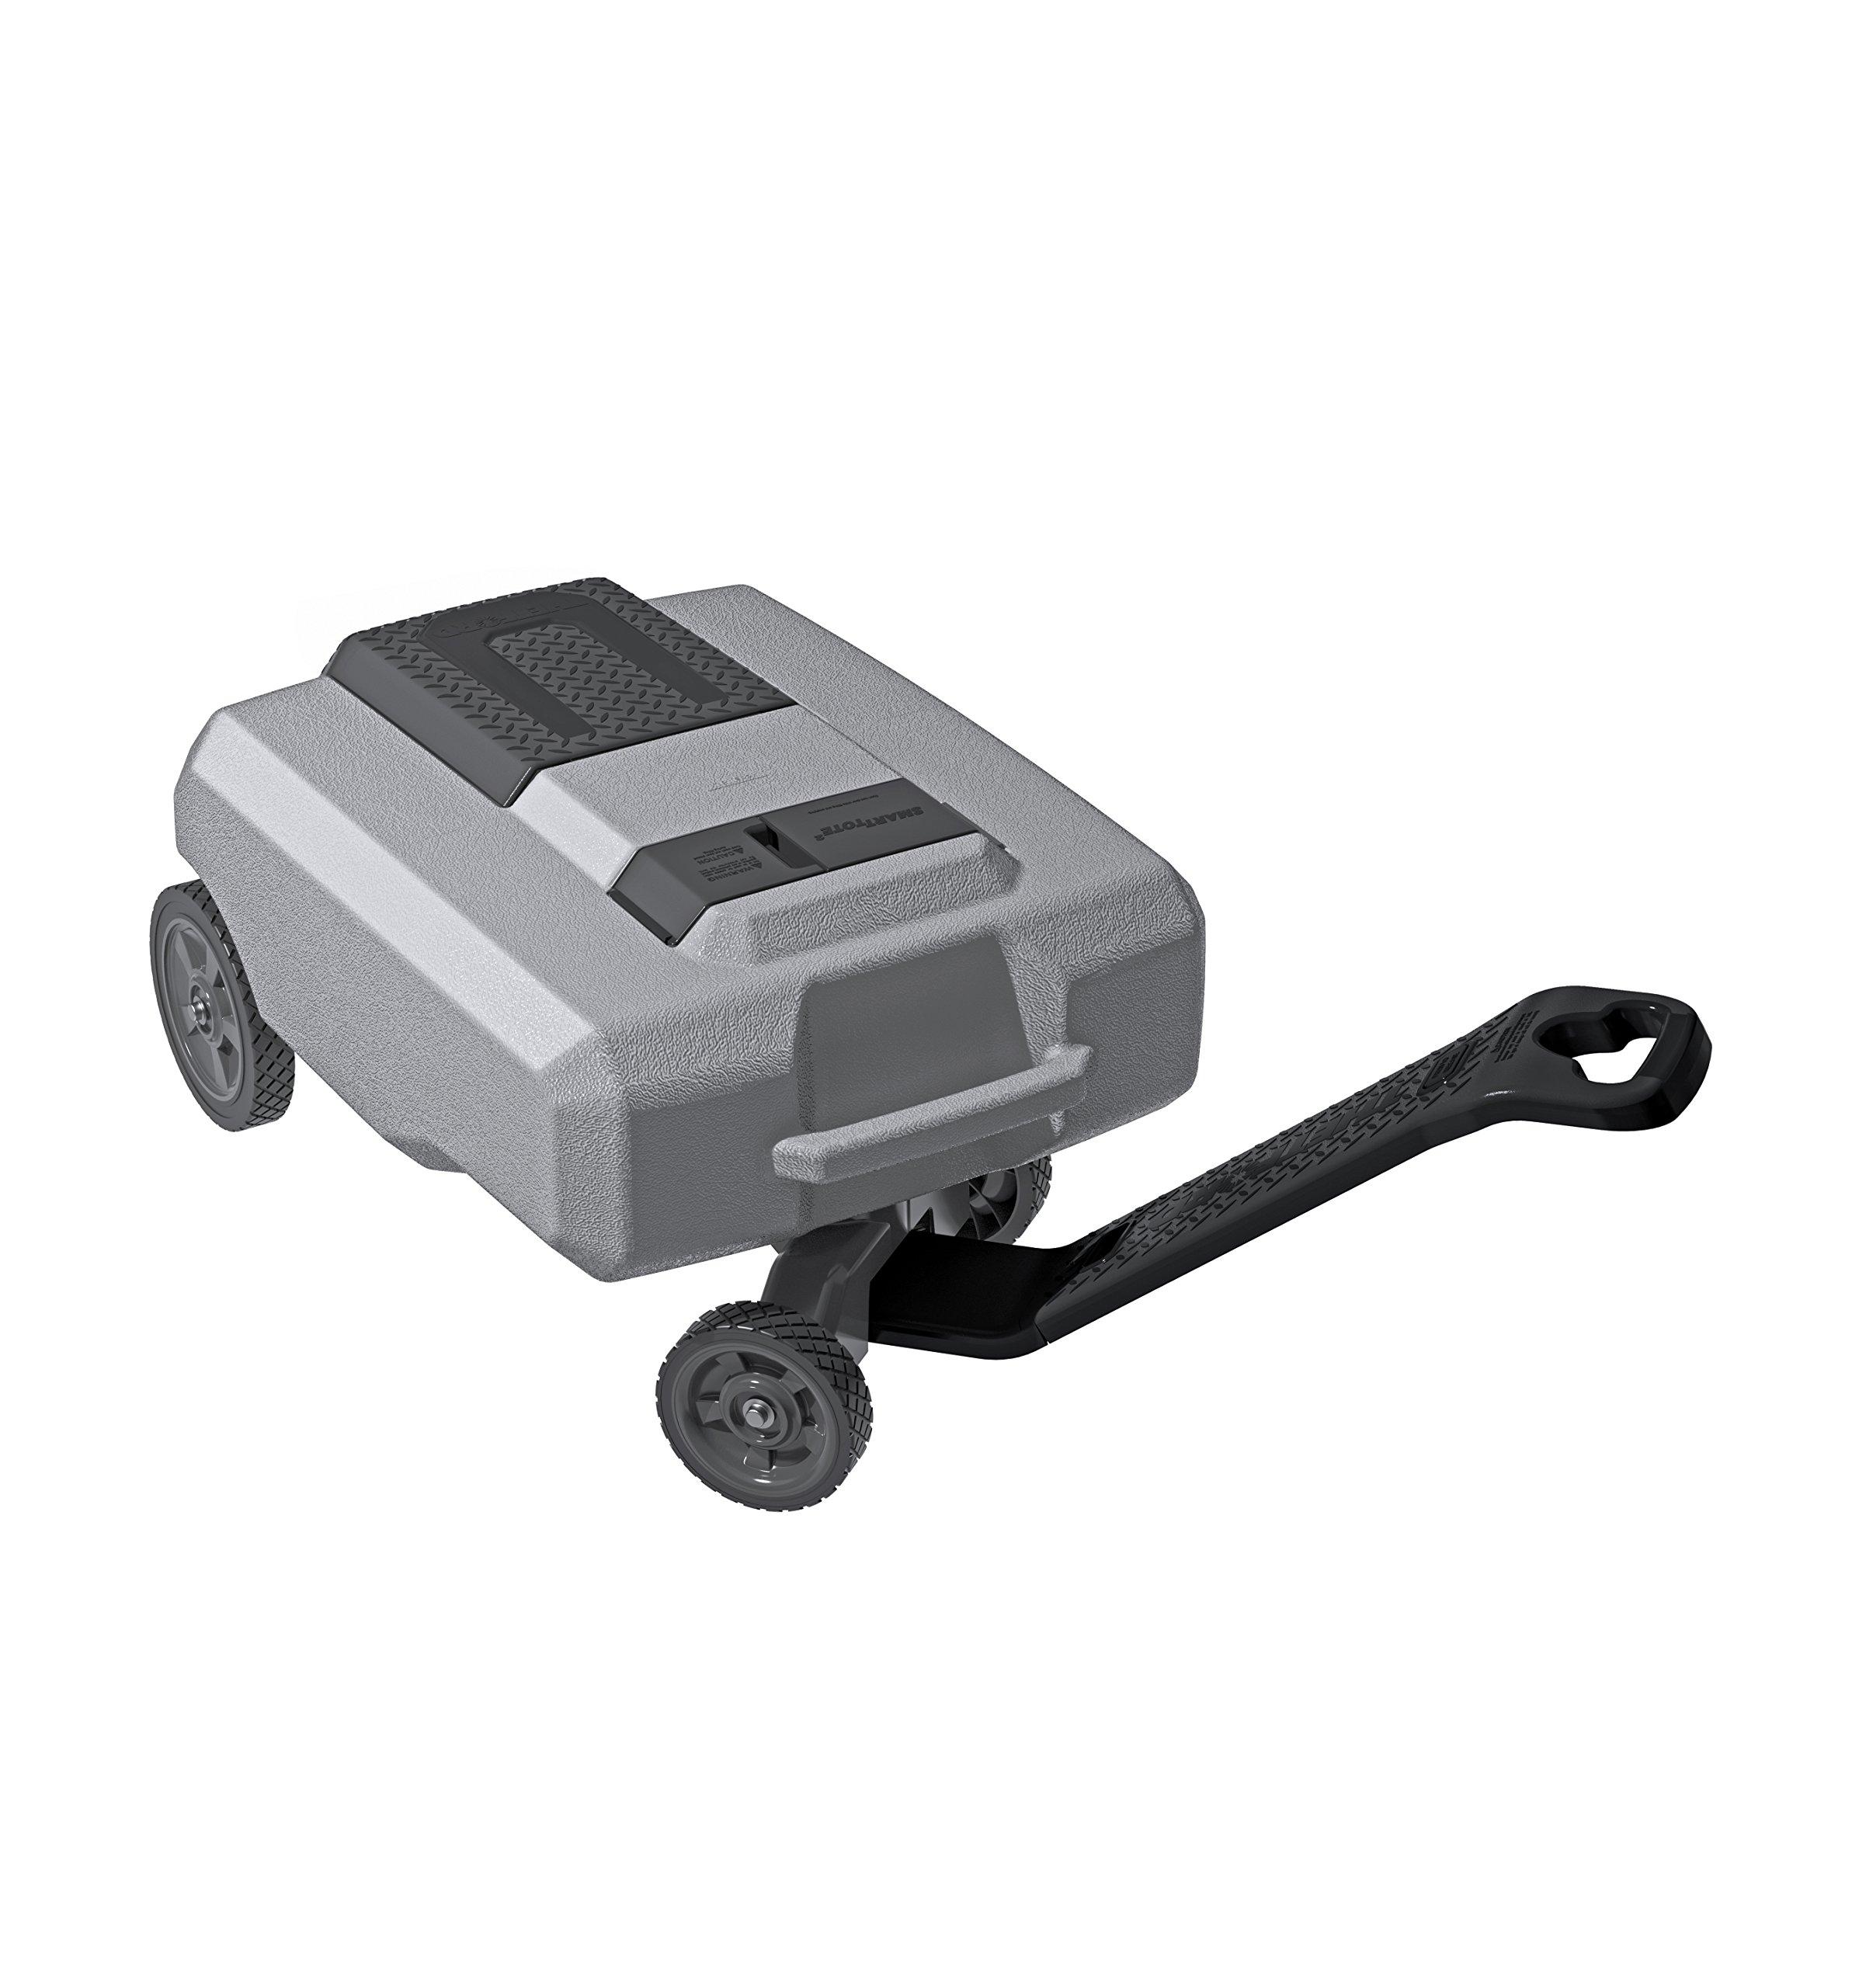 SmartTote 2 Thetford 40517 Smart Tote LX 4-Wheel Portable Waste Tank - 18 Gallon